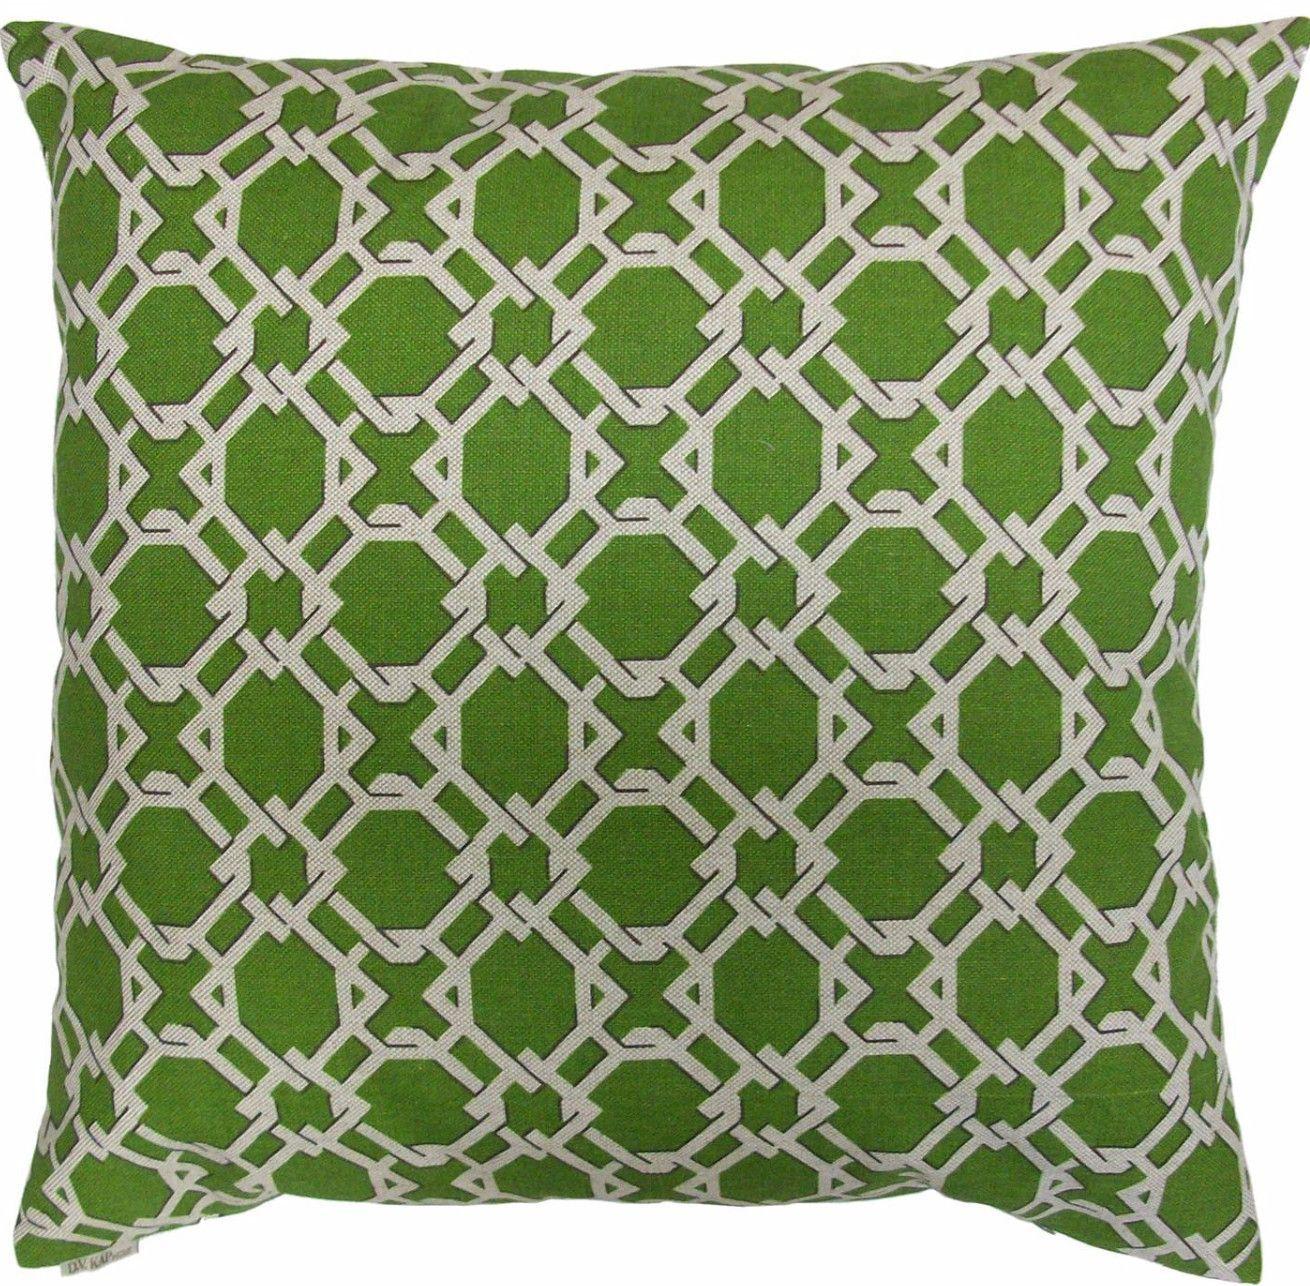 Keenland-Green Throw Pillow